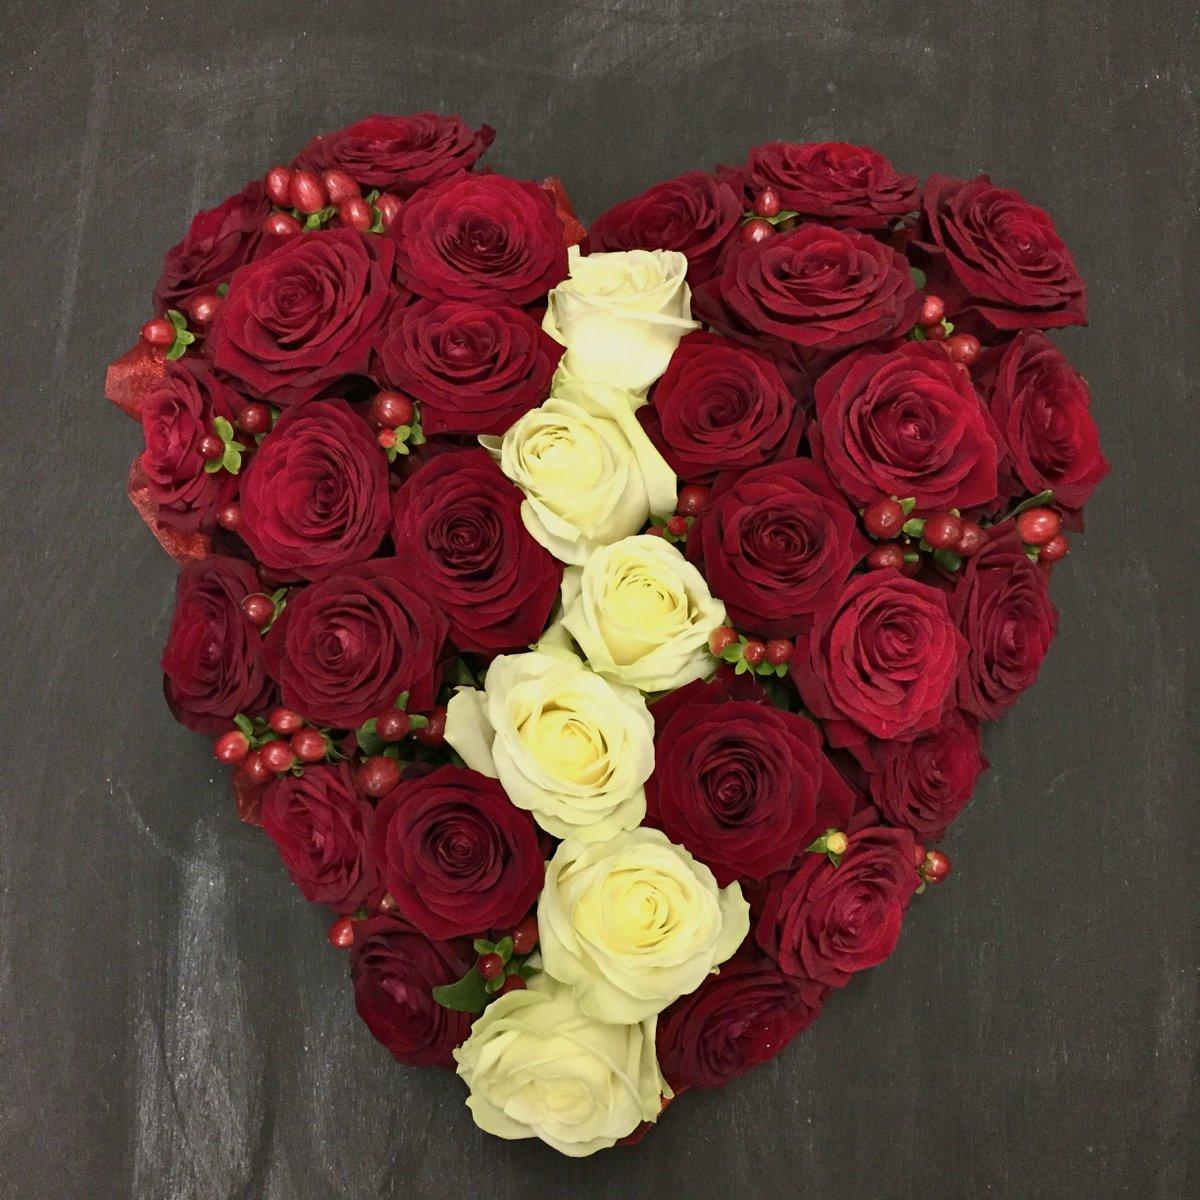 Stems uk funerals on twitter a 15inch broken heart filled with stems uk funerals on twitter a 15inch broken heart filled with roses delivered to any funeral directors in london and beyond httpstv0wt8omimc izmirmasajfo